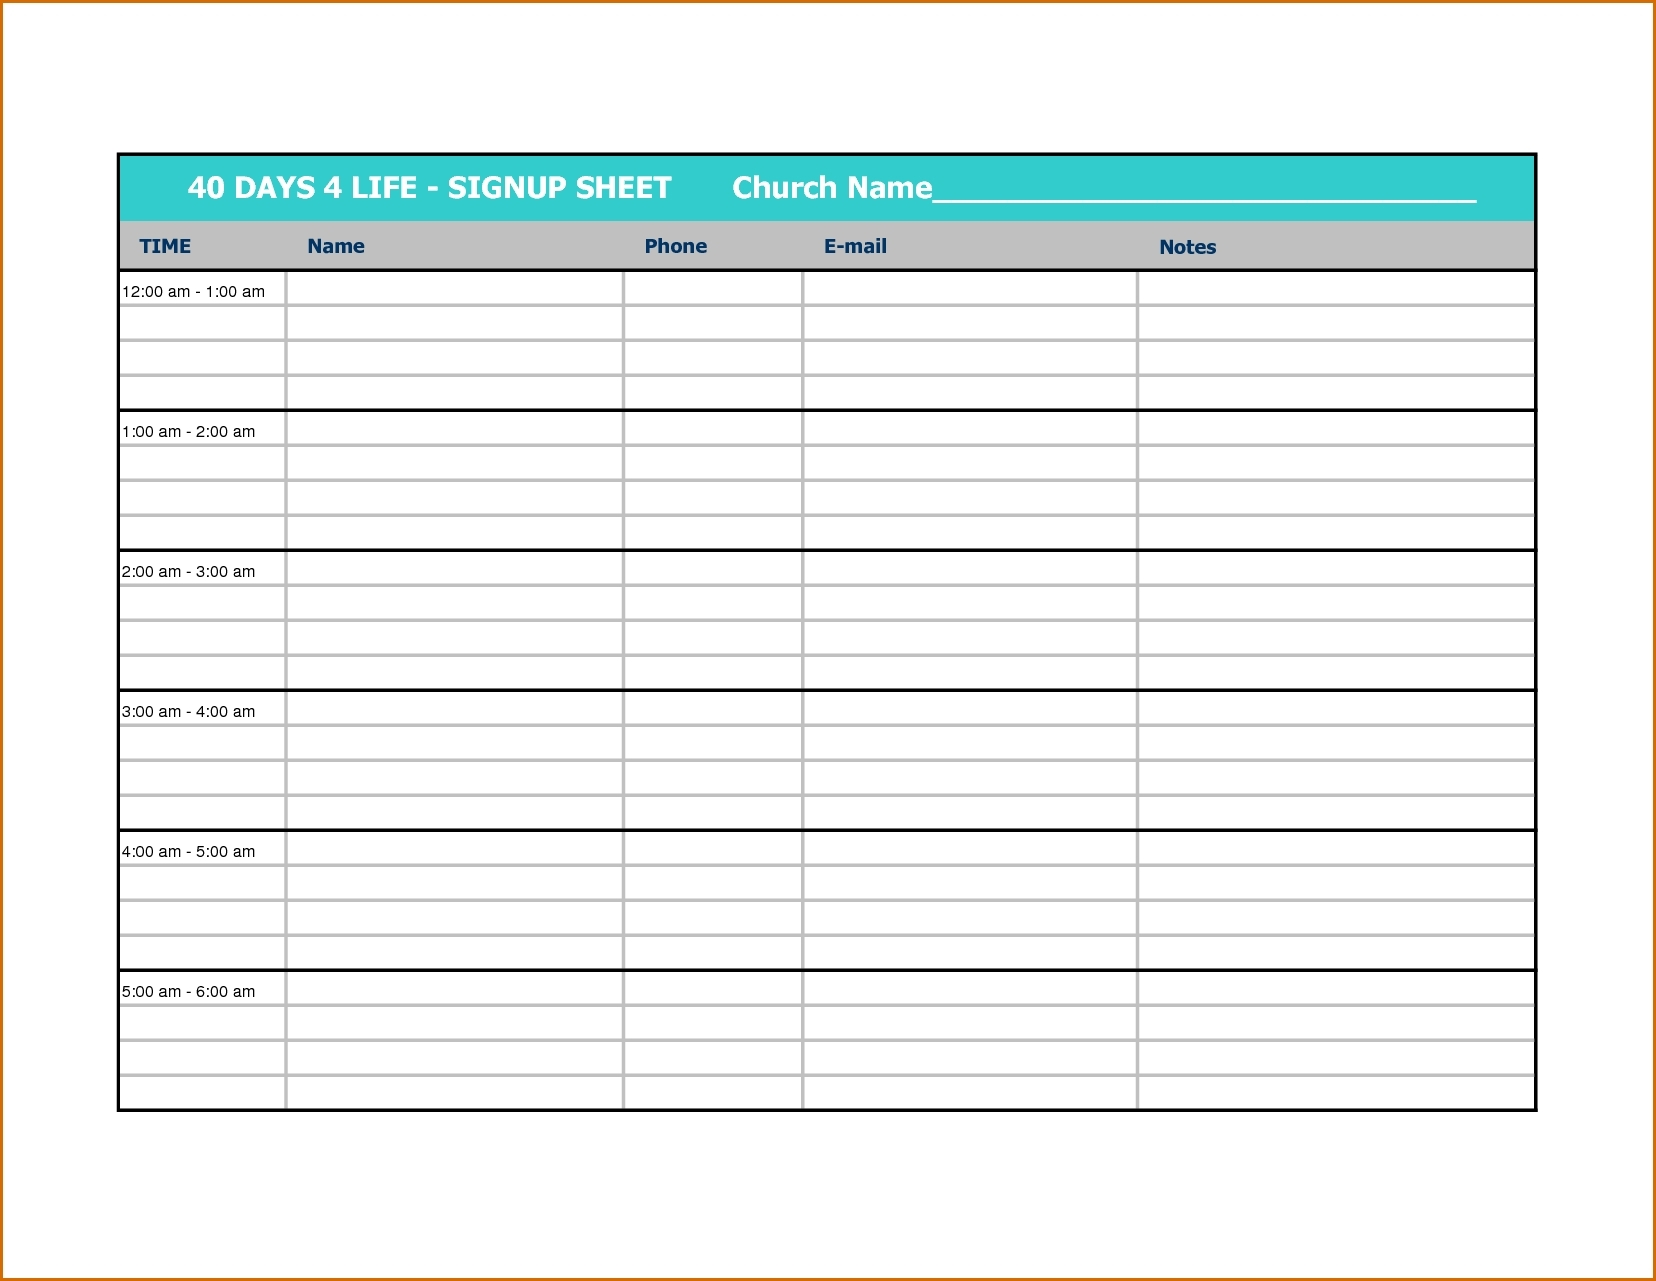 Printable Calendar Sign Up Sheet | Ten Free Printable Calendar 2020-2021